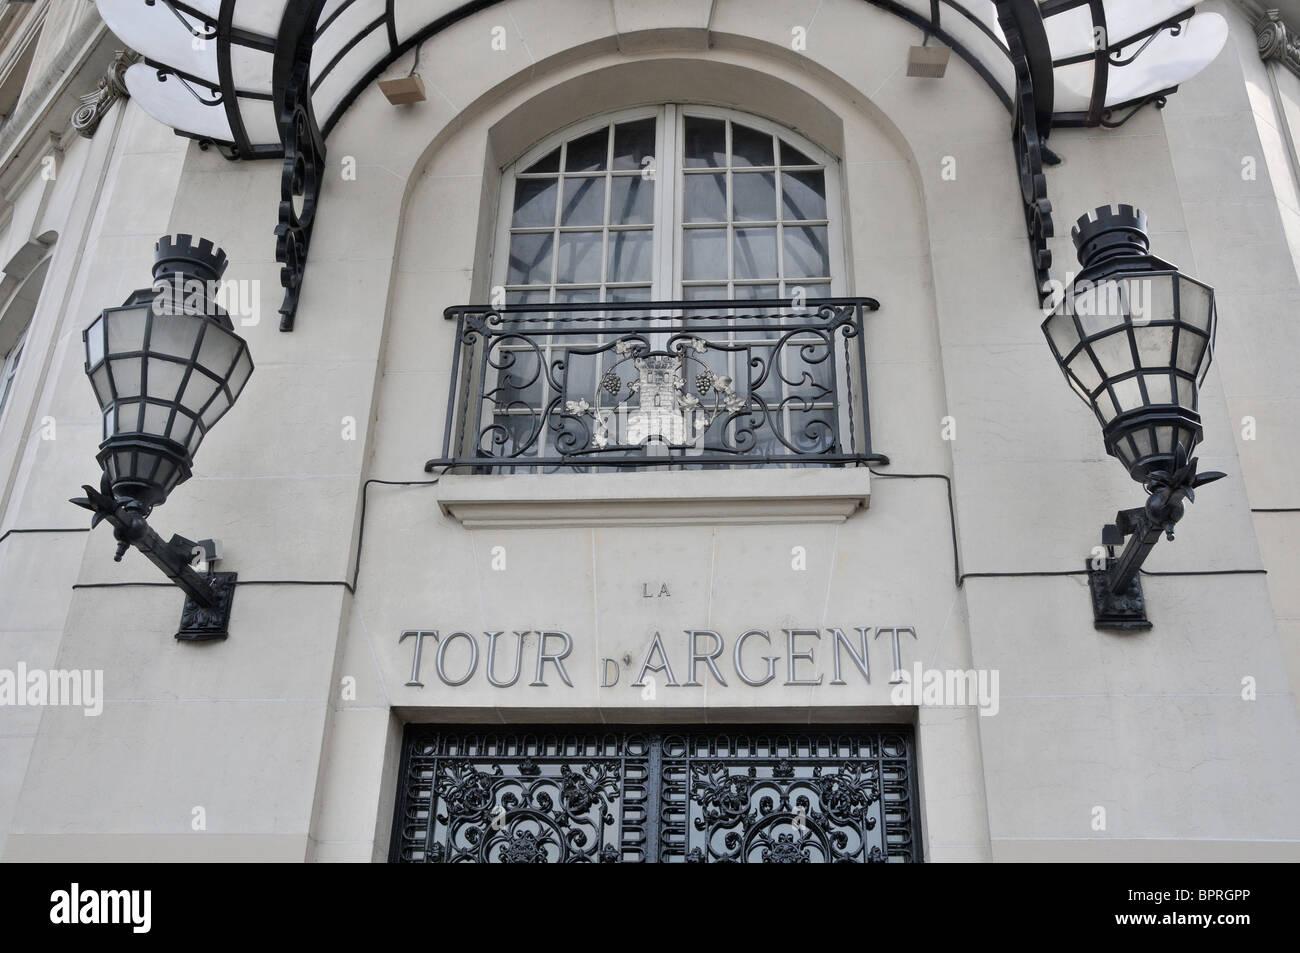 La Tour d'Argent restaurant,, Paris France - Stock Image